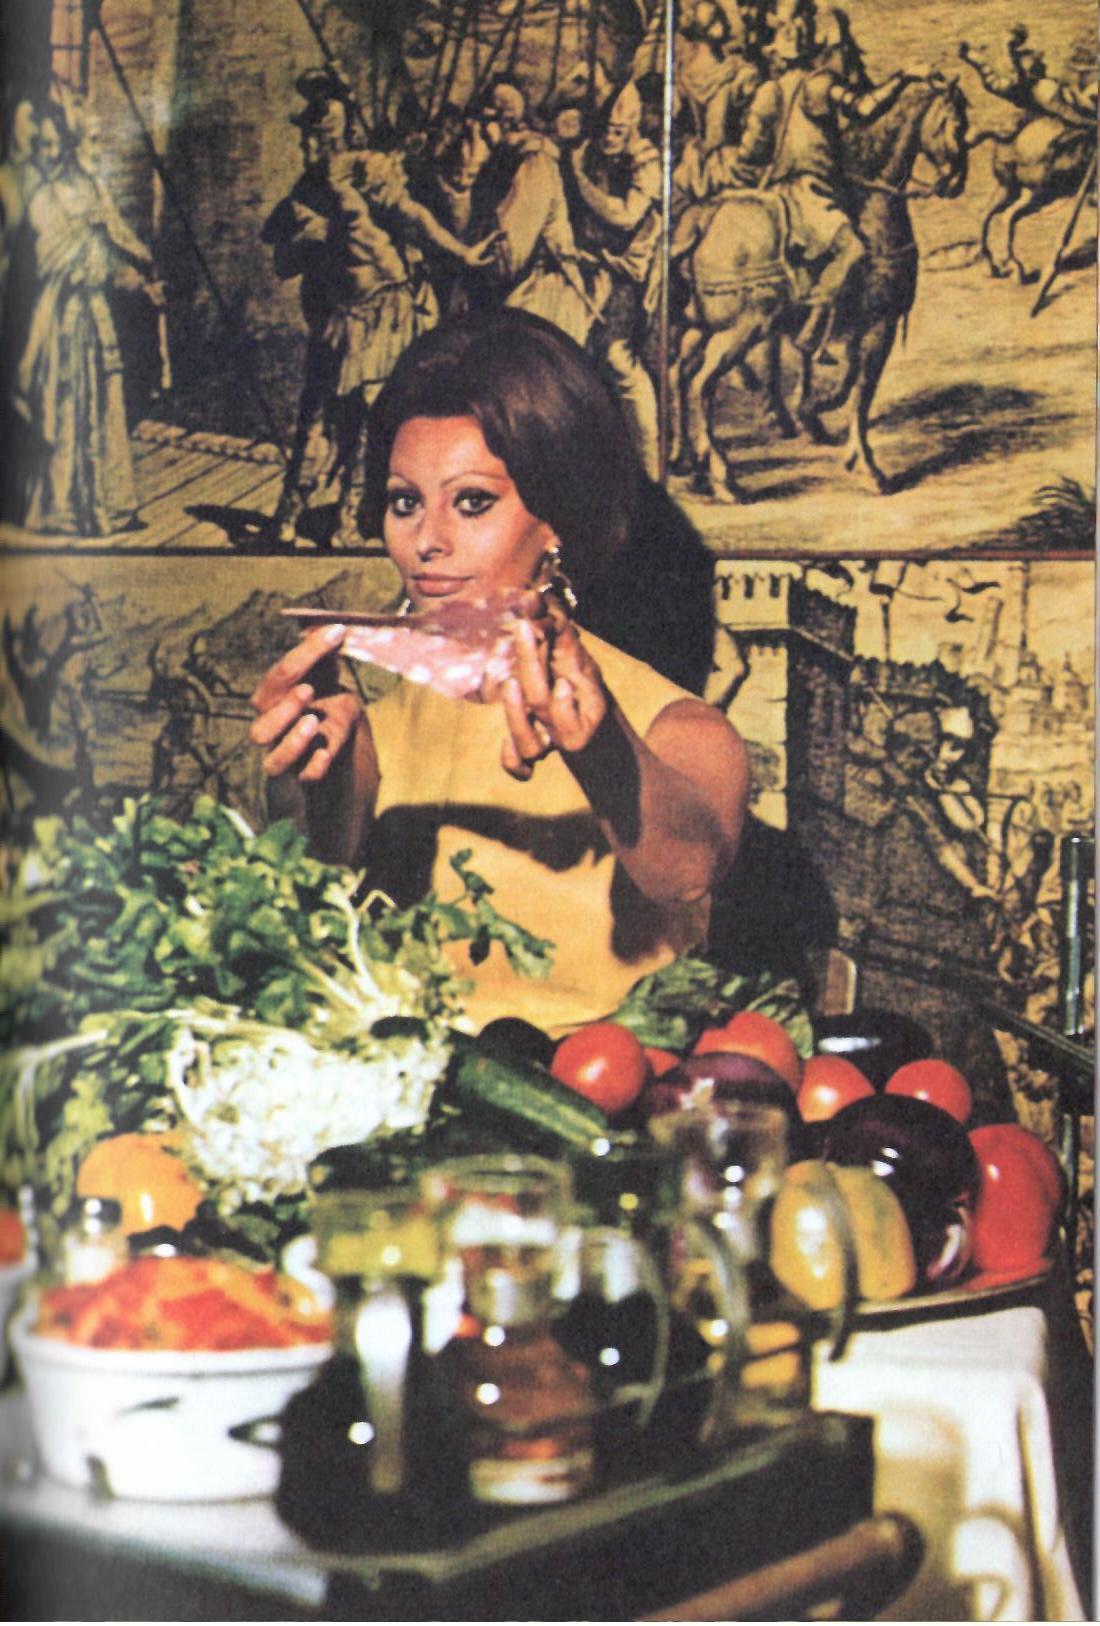 Fig. 3Sophia Loren in una foto di Tazio Secchiaroli pubblicata in In cucina con amore, Milano, Rizzoli, 2014